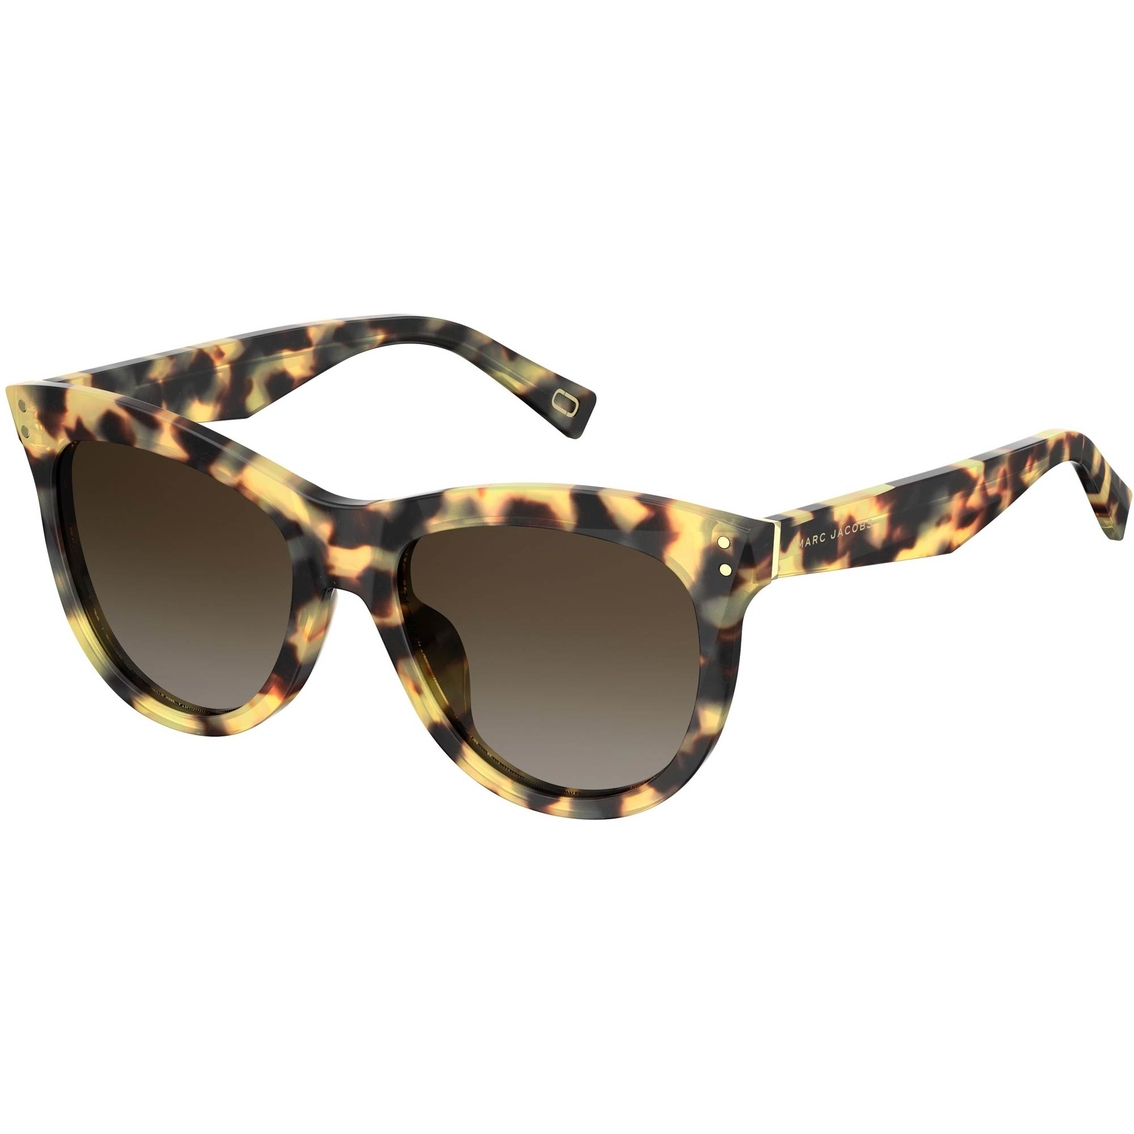 e01dc232b5 Marc Jacobs Sunglasses Marc 118 s